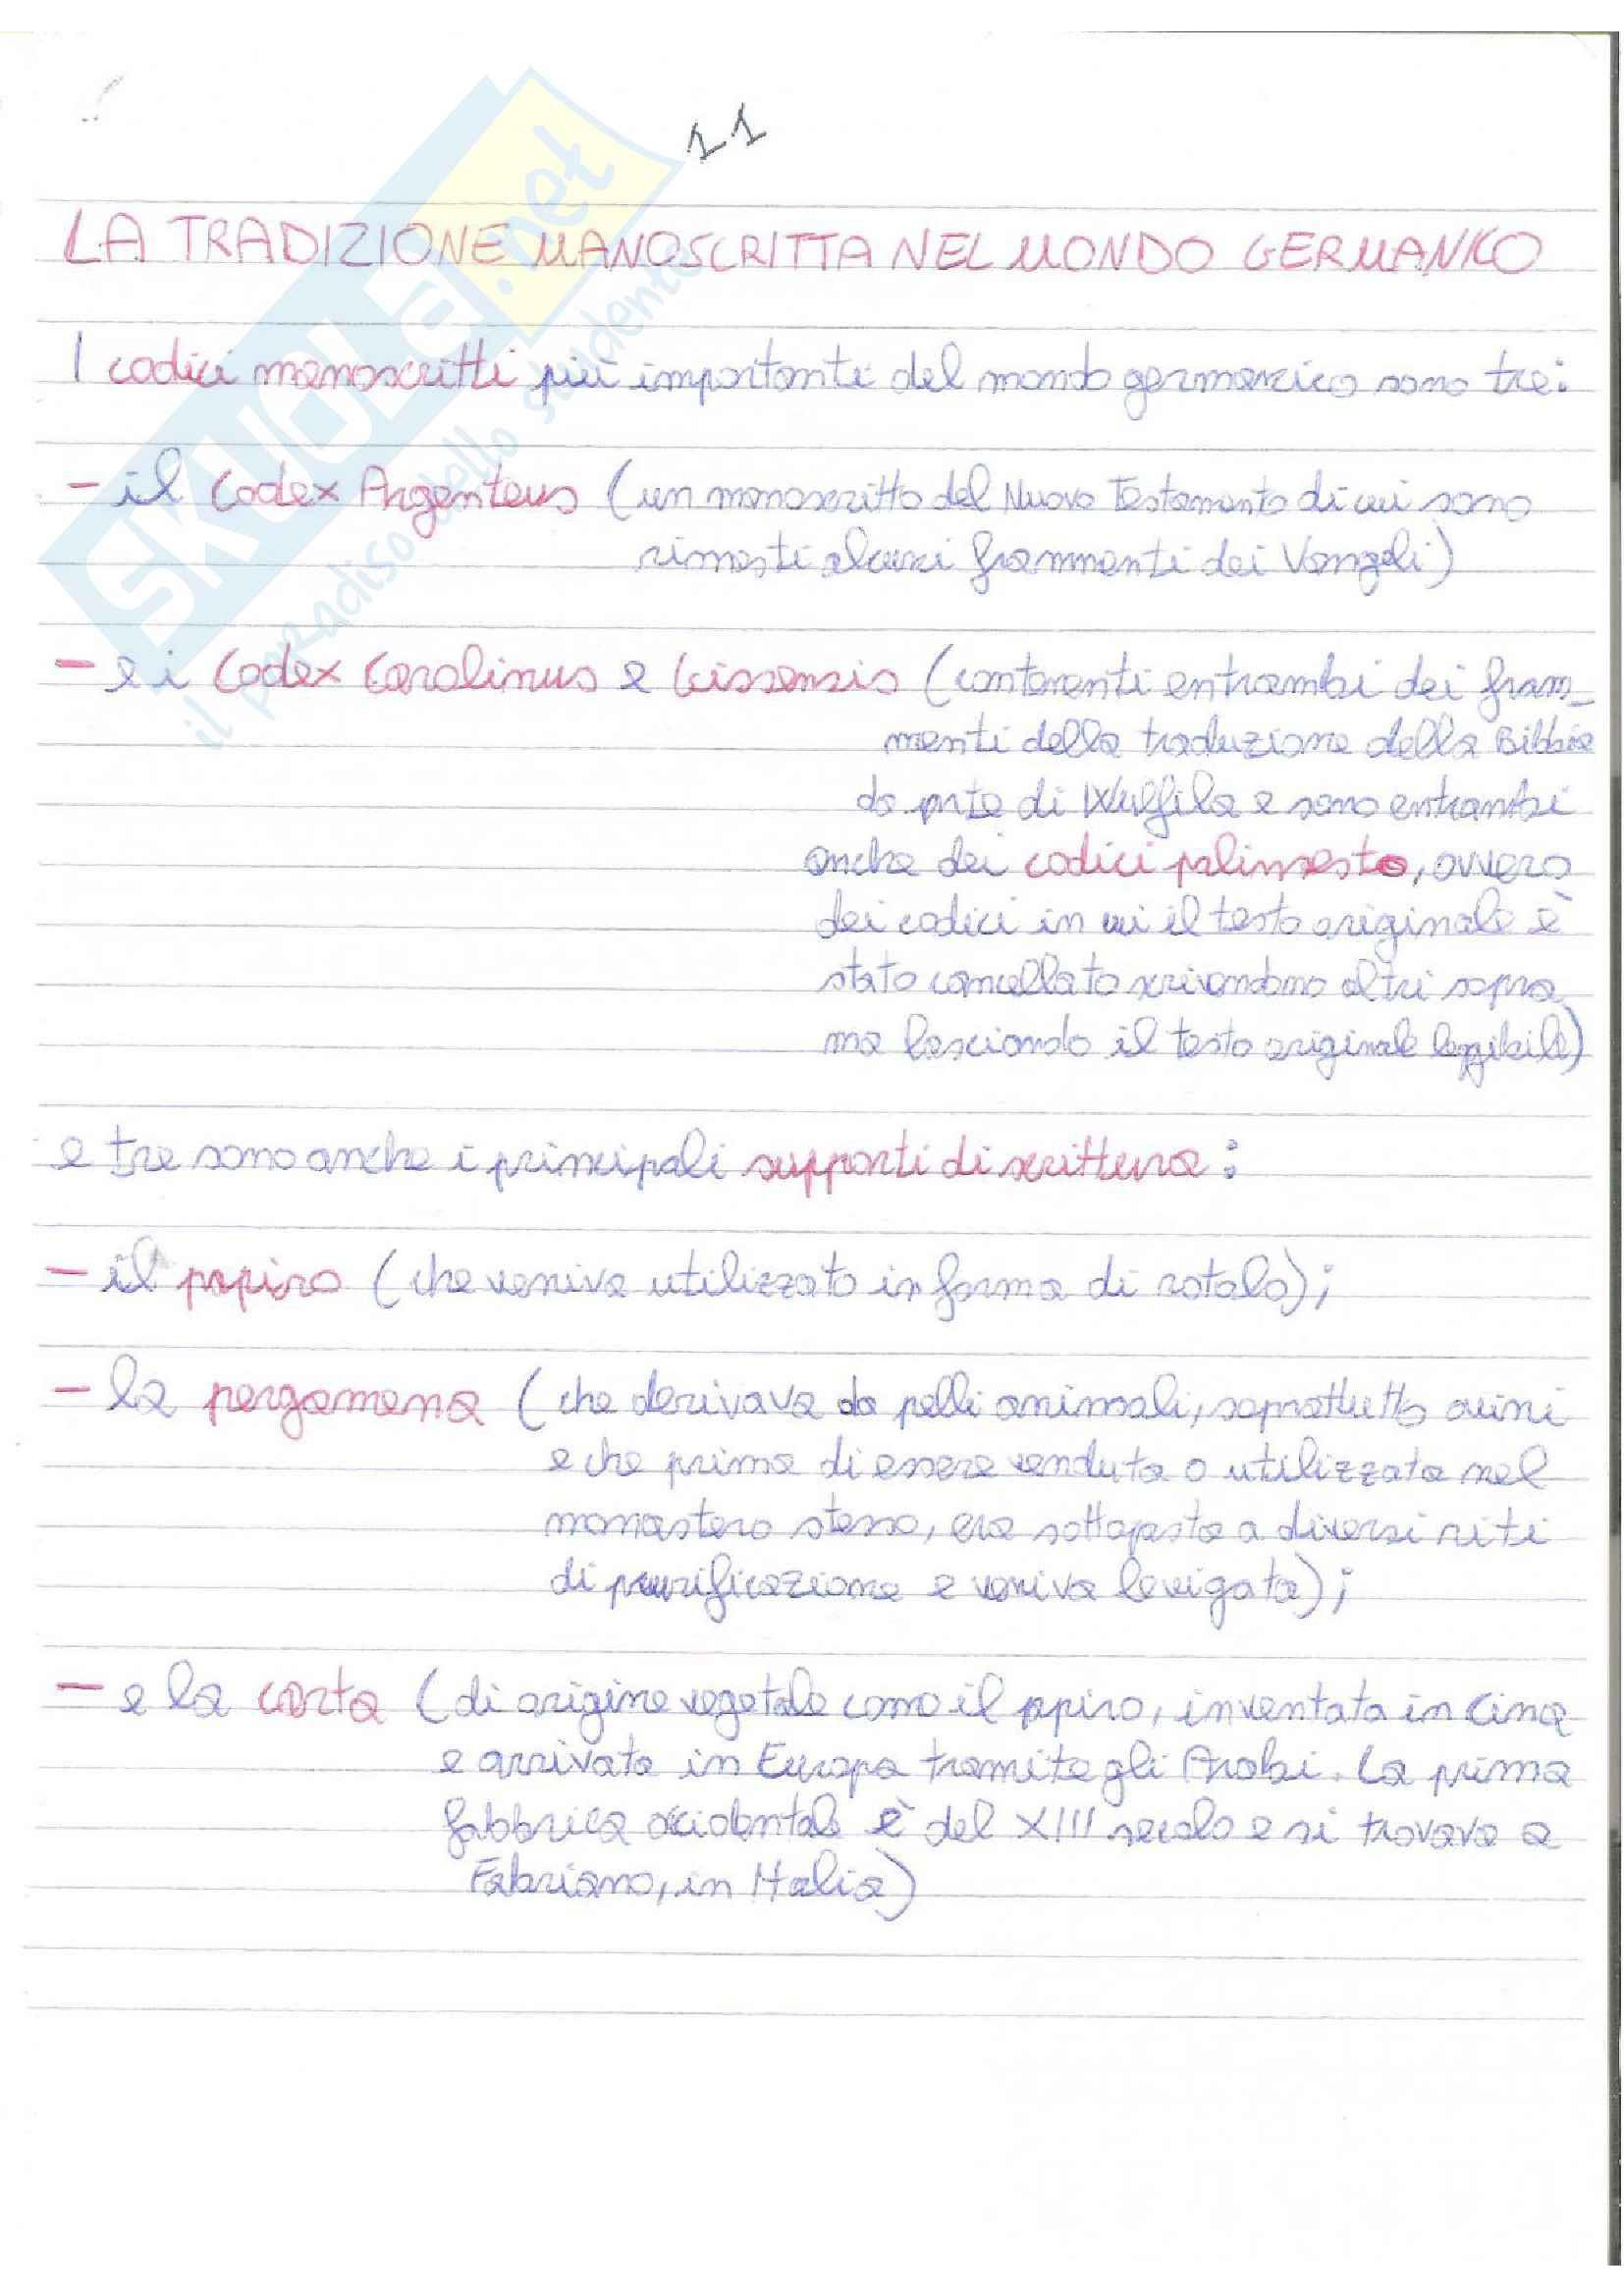 Appunti del corso di filologia germanica, modulo letterario